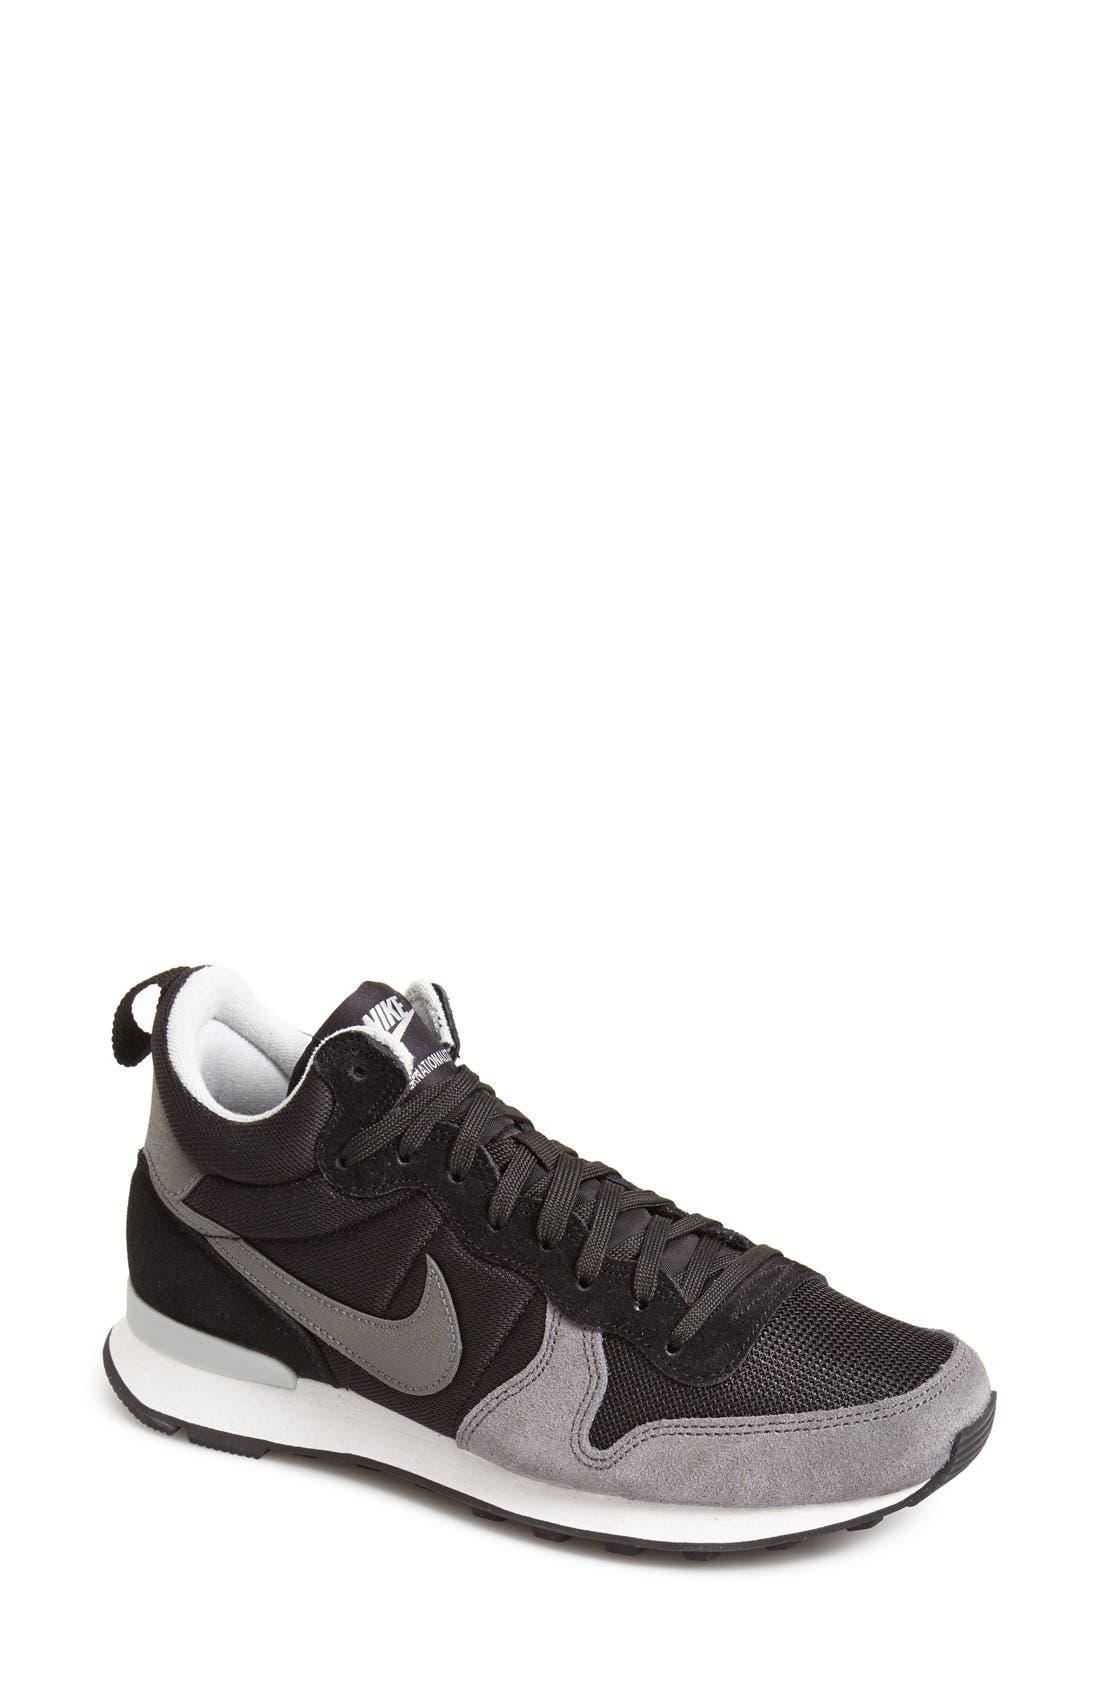 Main Image - Nike 'Internationalist Mid' Sneaker (Women)